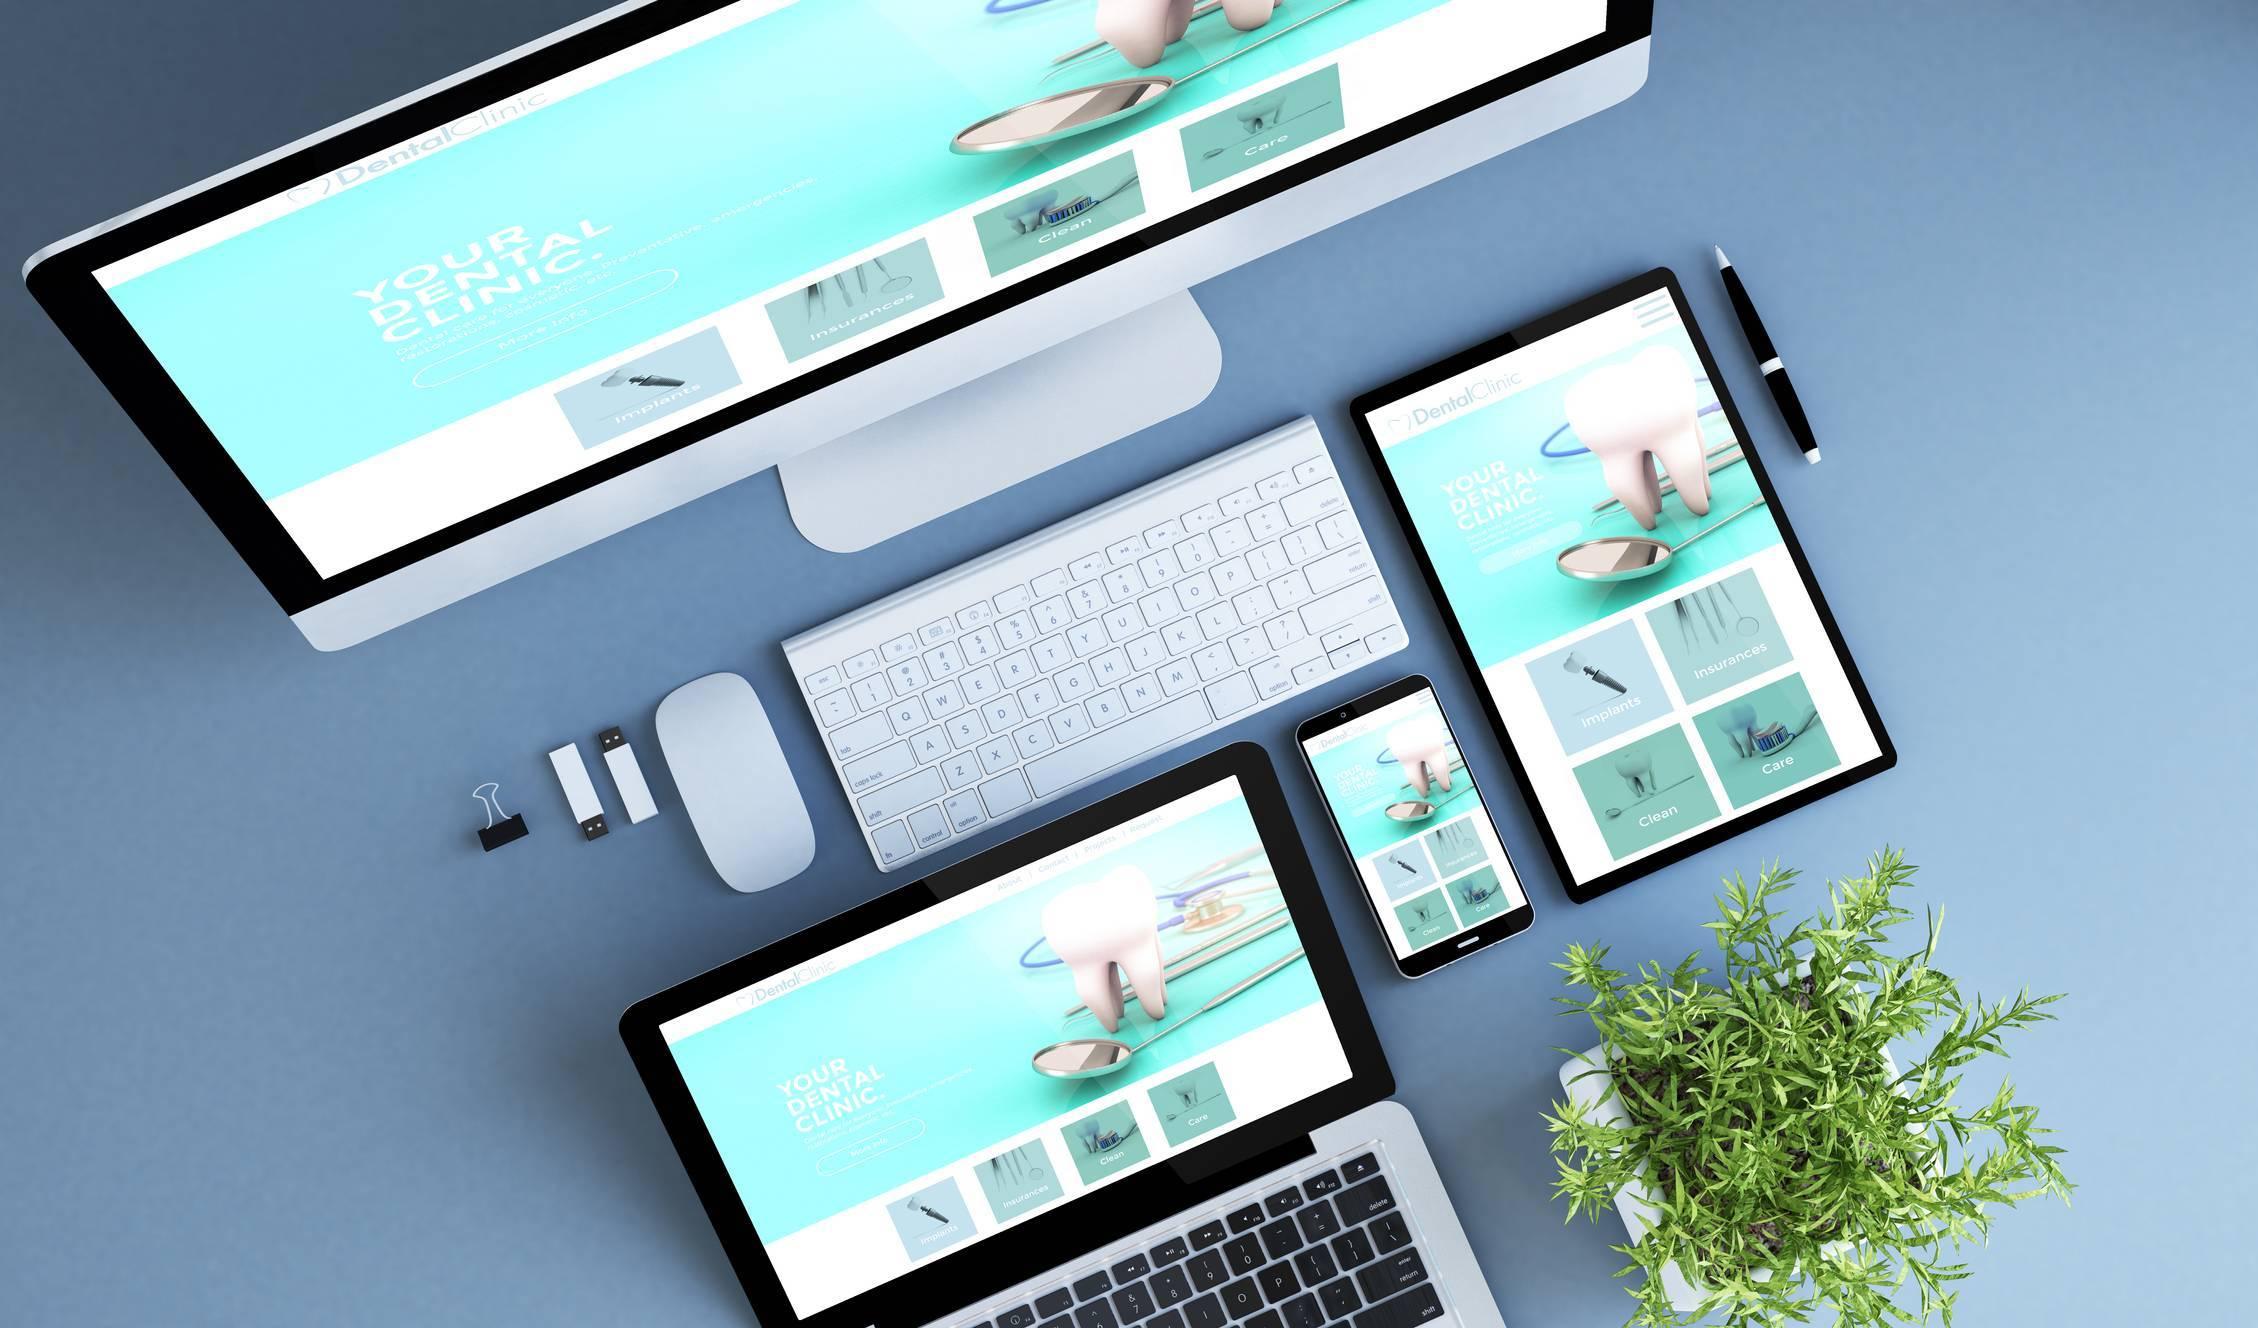 créer un site web, Divi